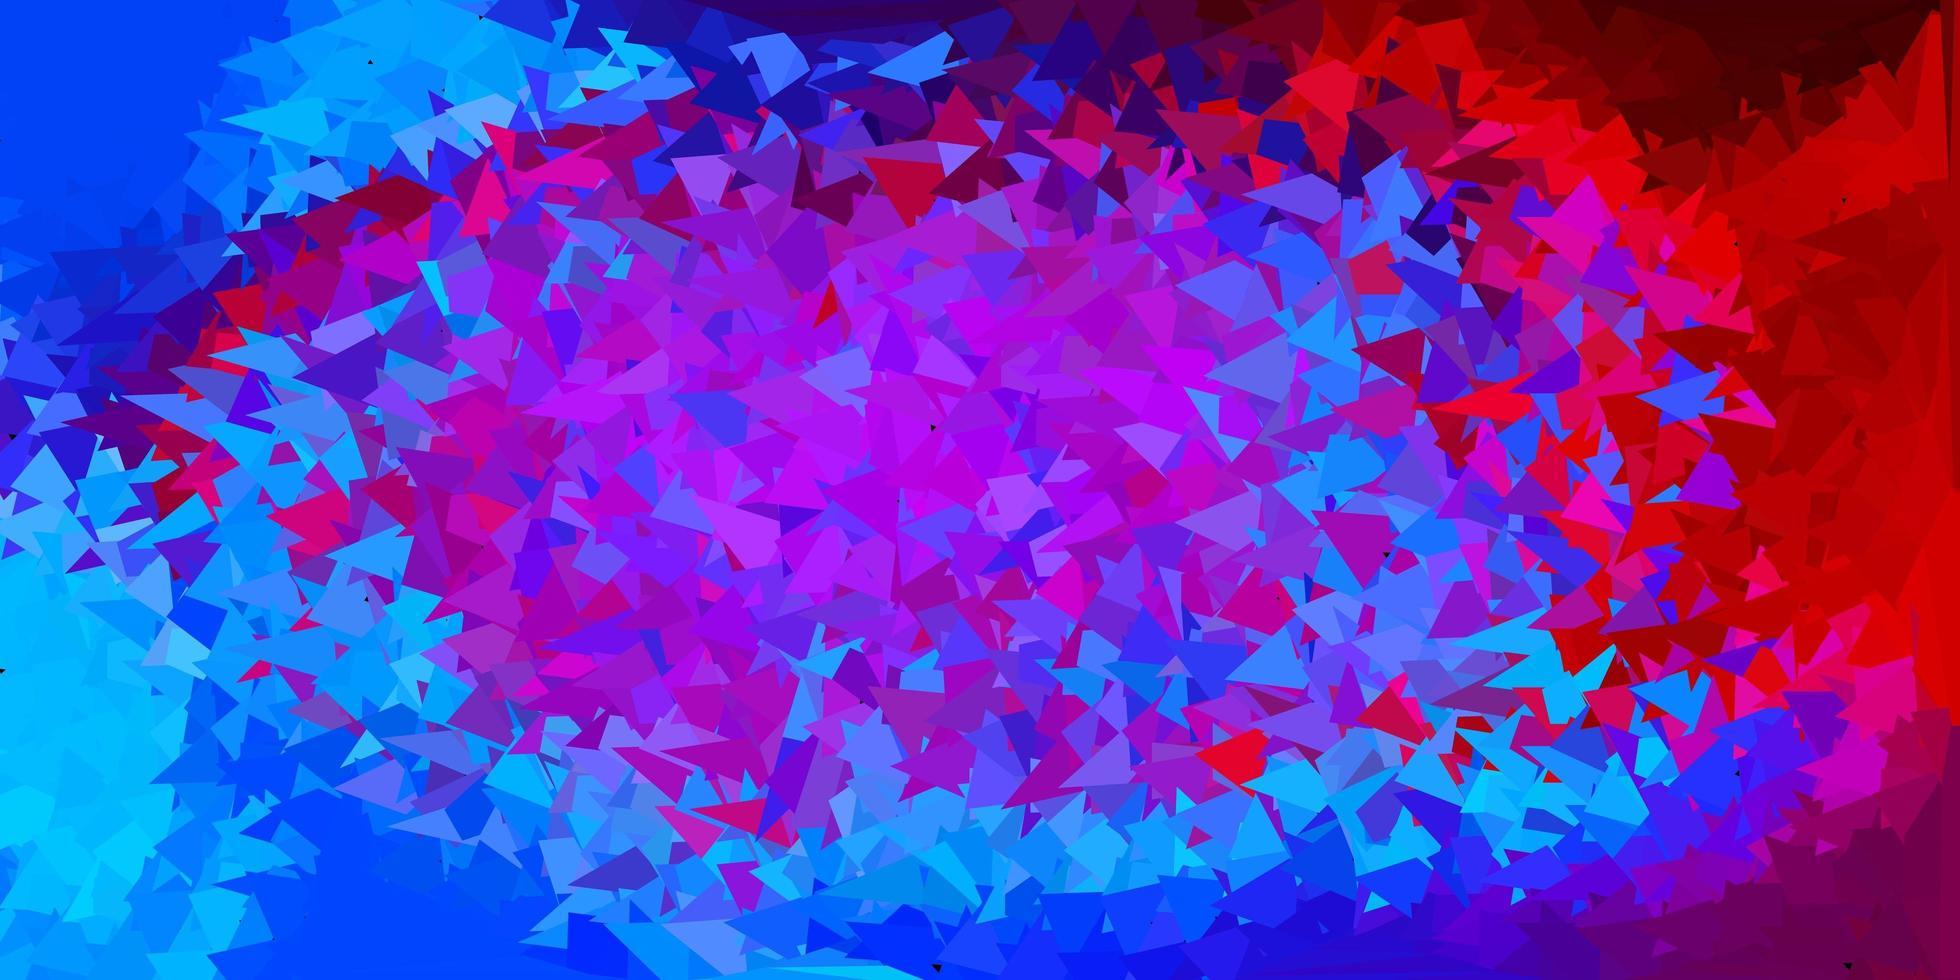 layout de triângulo poli vetor azul claro e vermelho.